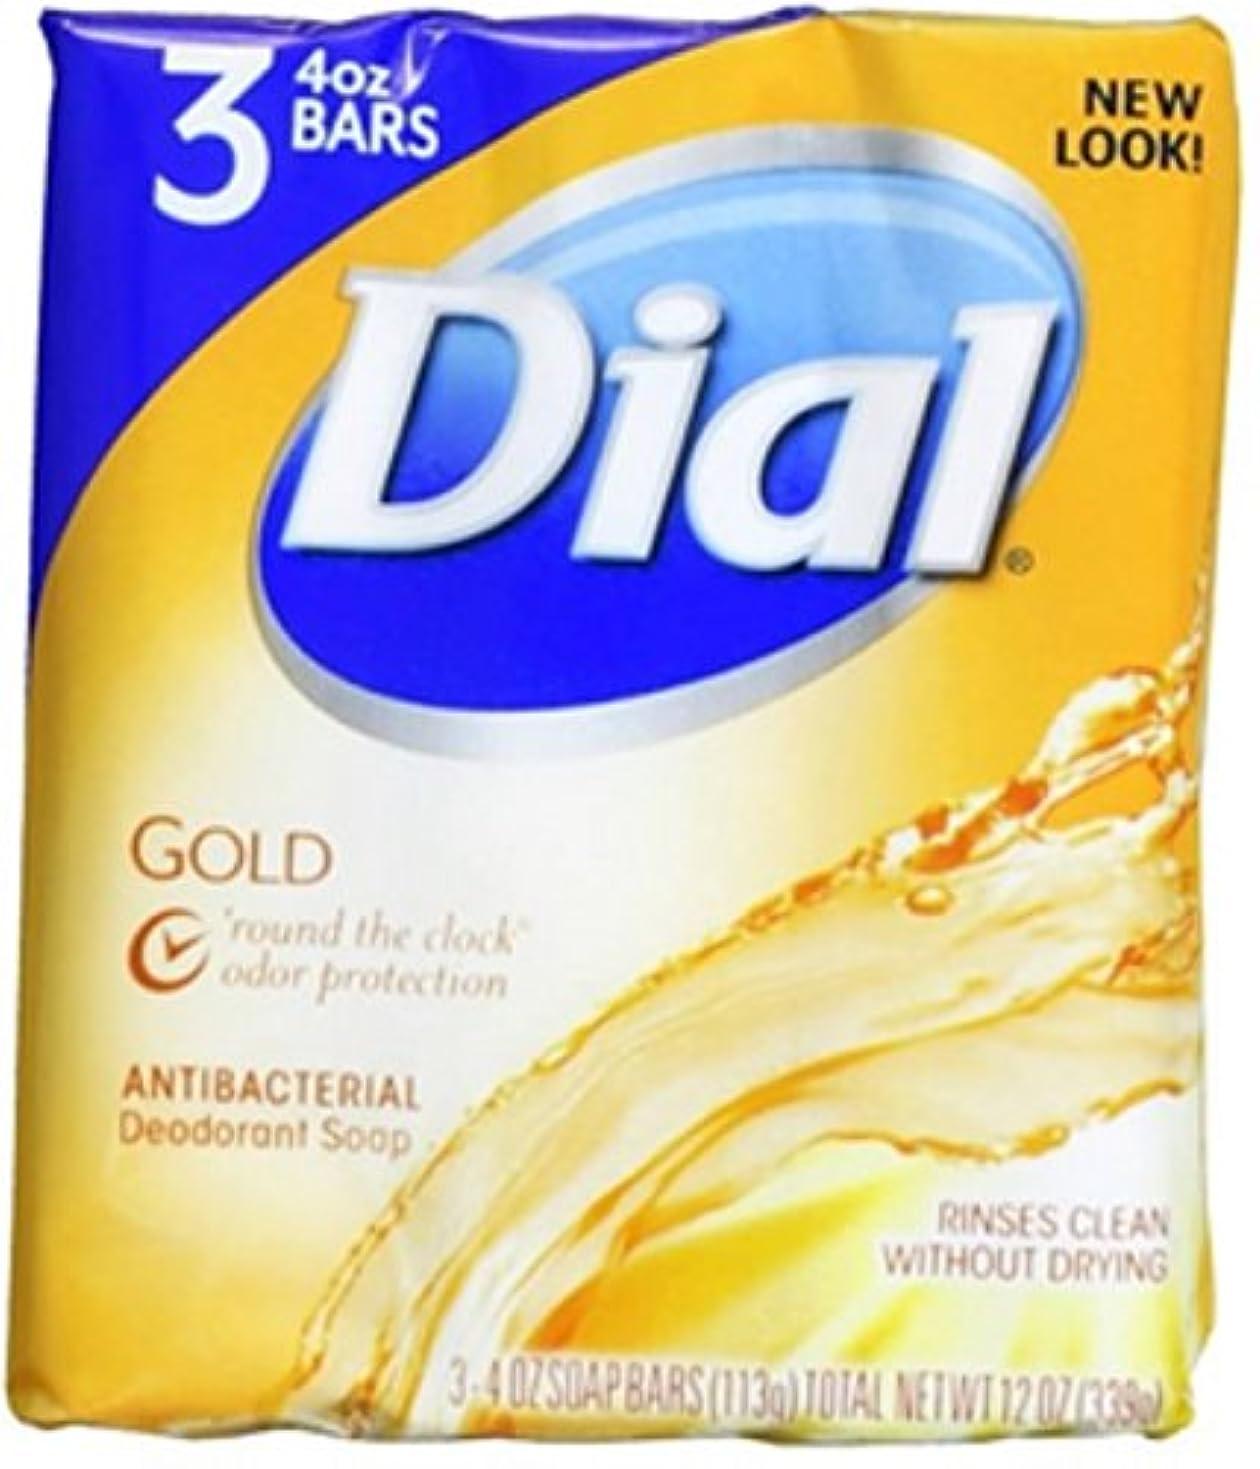 失敗羊の適応的Dial 抗菌消臭石鹸バー、ゴールド、4つのオズバー、3 Eaは(6パック)